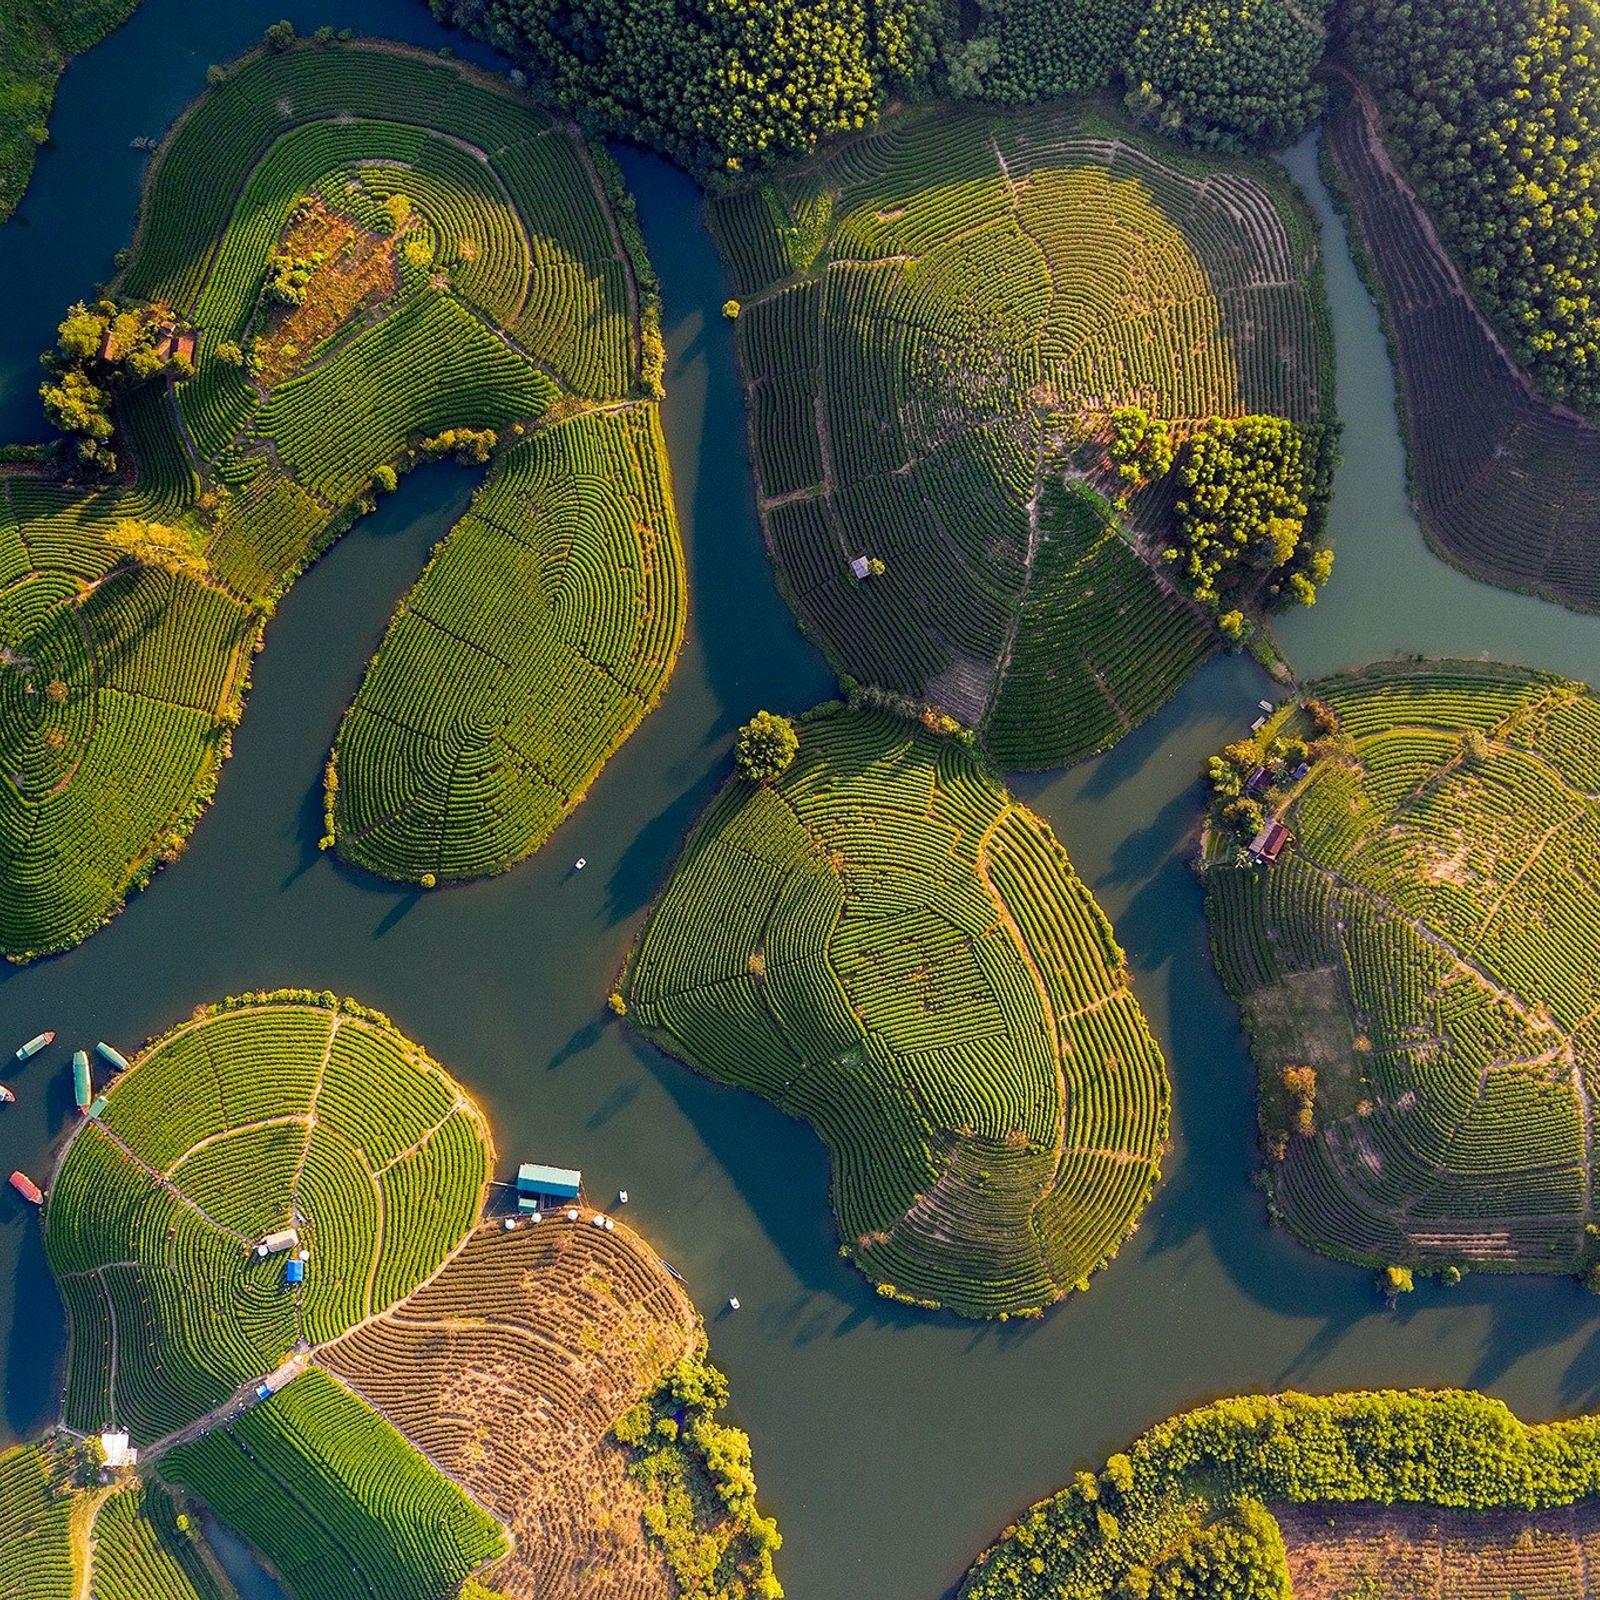 Ilhas de chá verde num lago de irrigação, perto da fronteira do Vietname com o Laos.